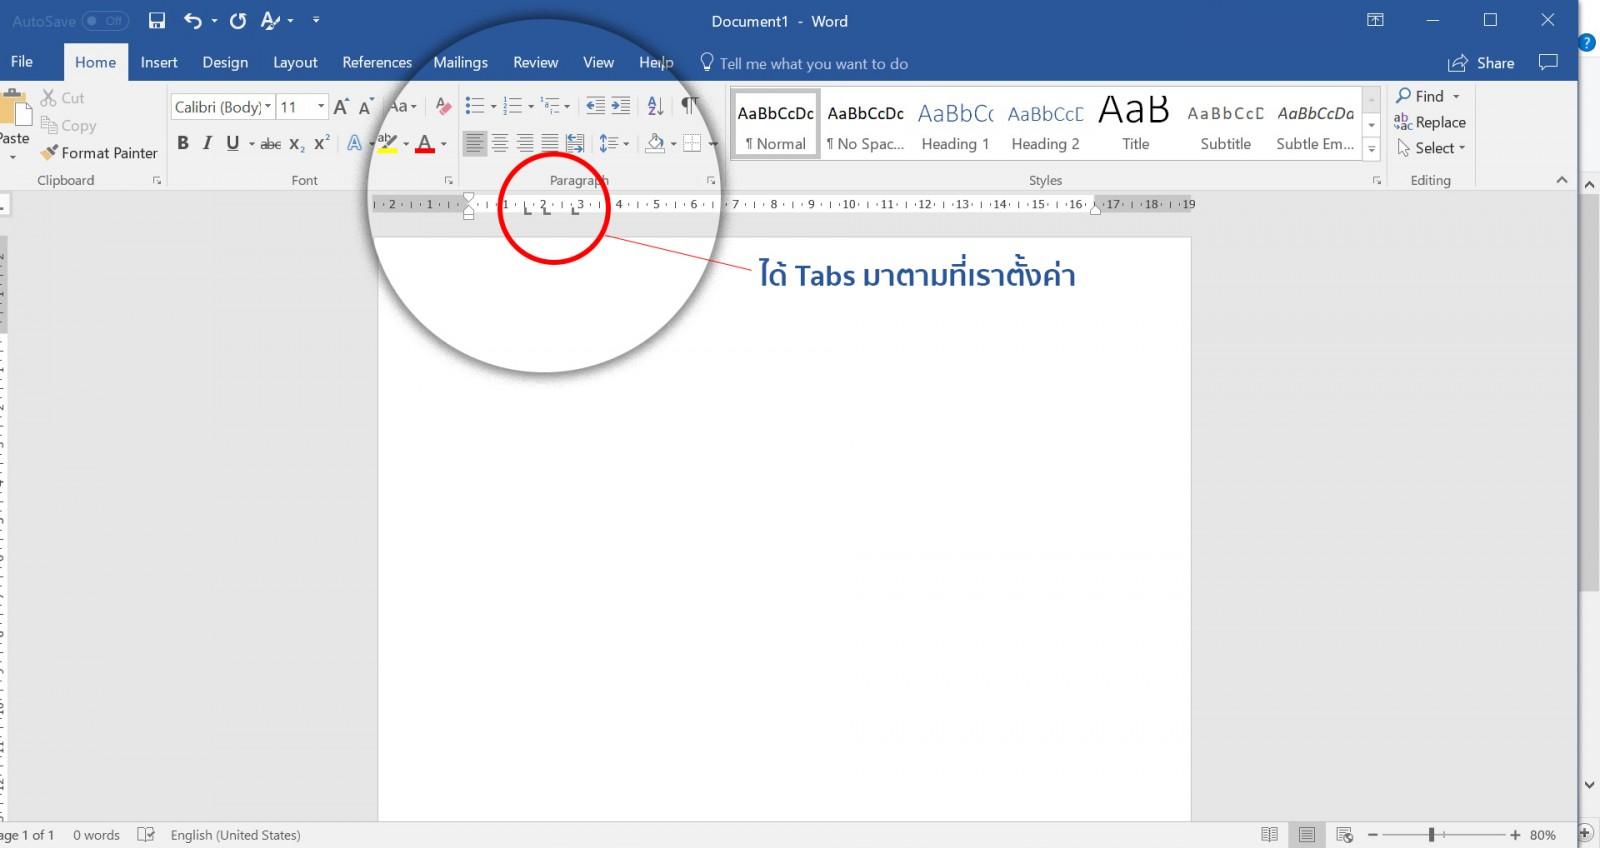 เลิกเคาะ Spacebar วิธีการตั้งแท็บ (Tabs) สำหรับย่อหน้าใน MS Word